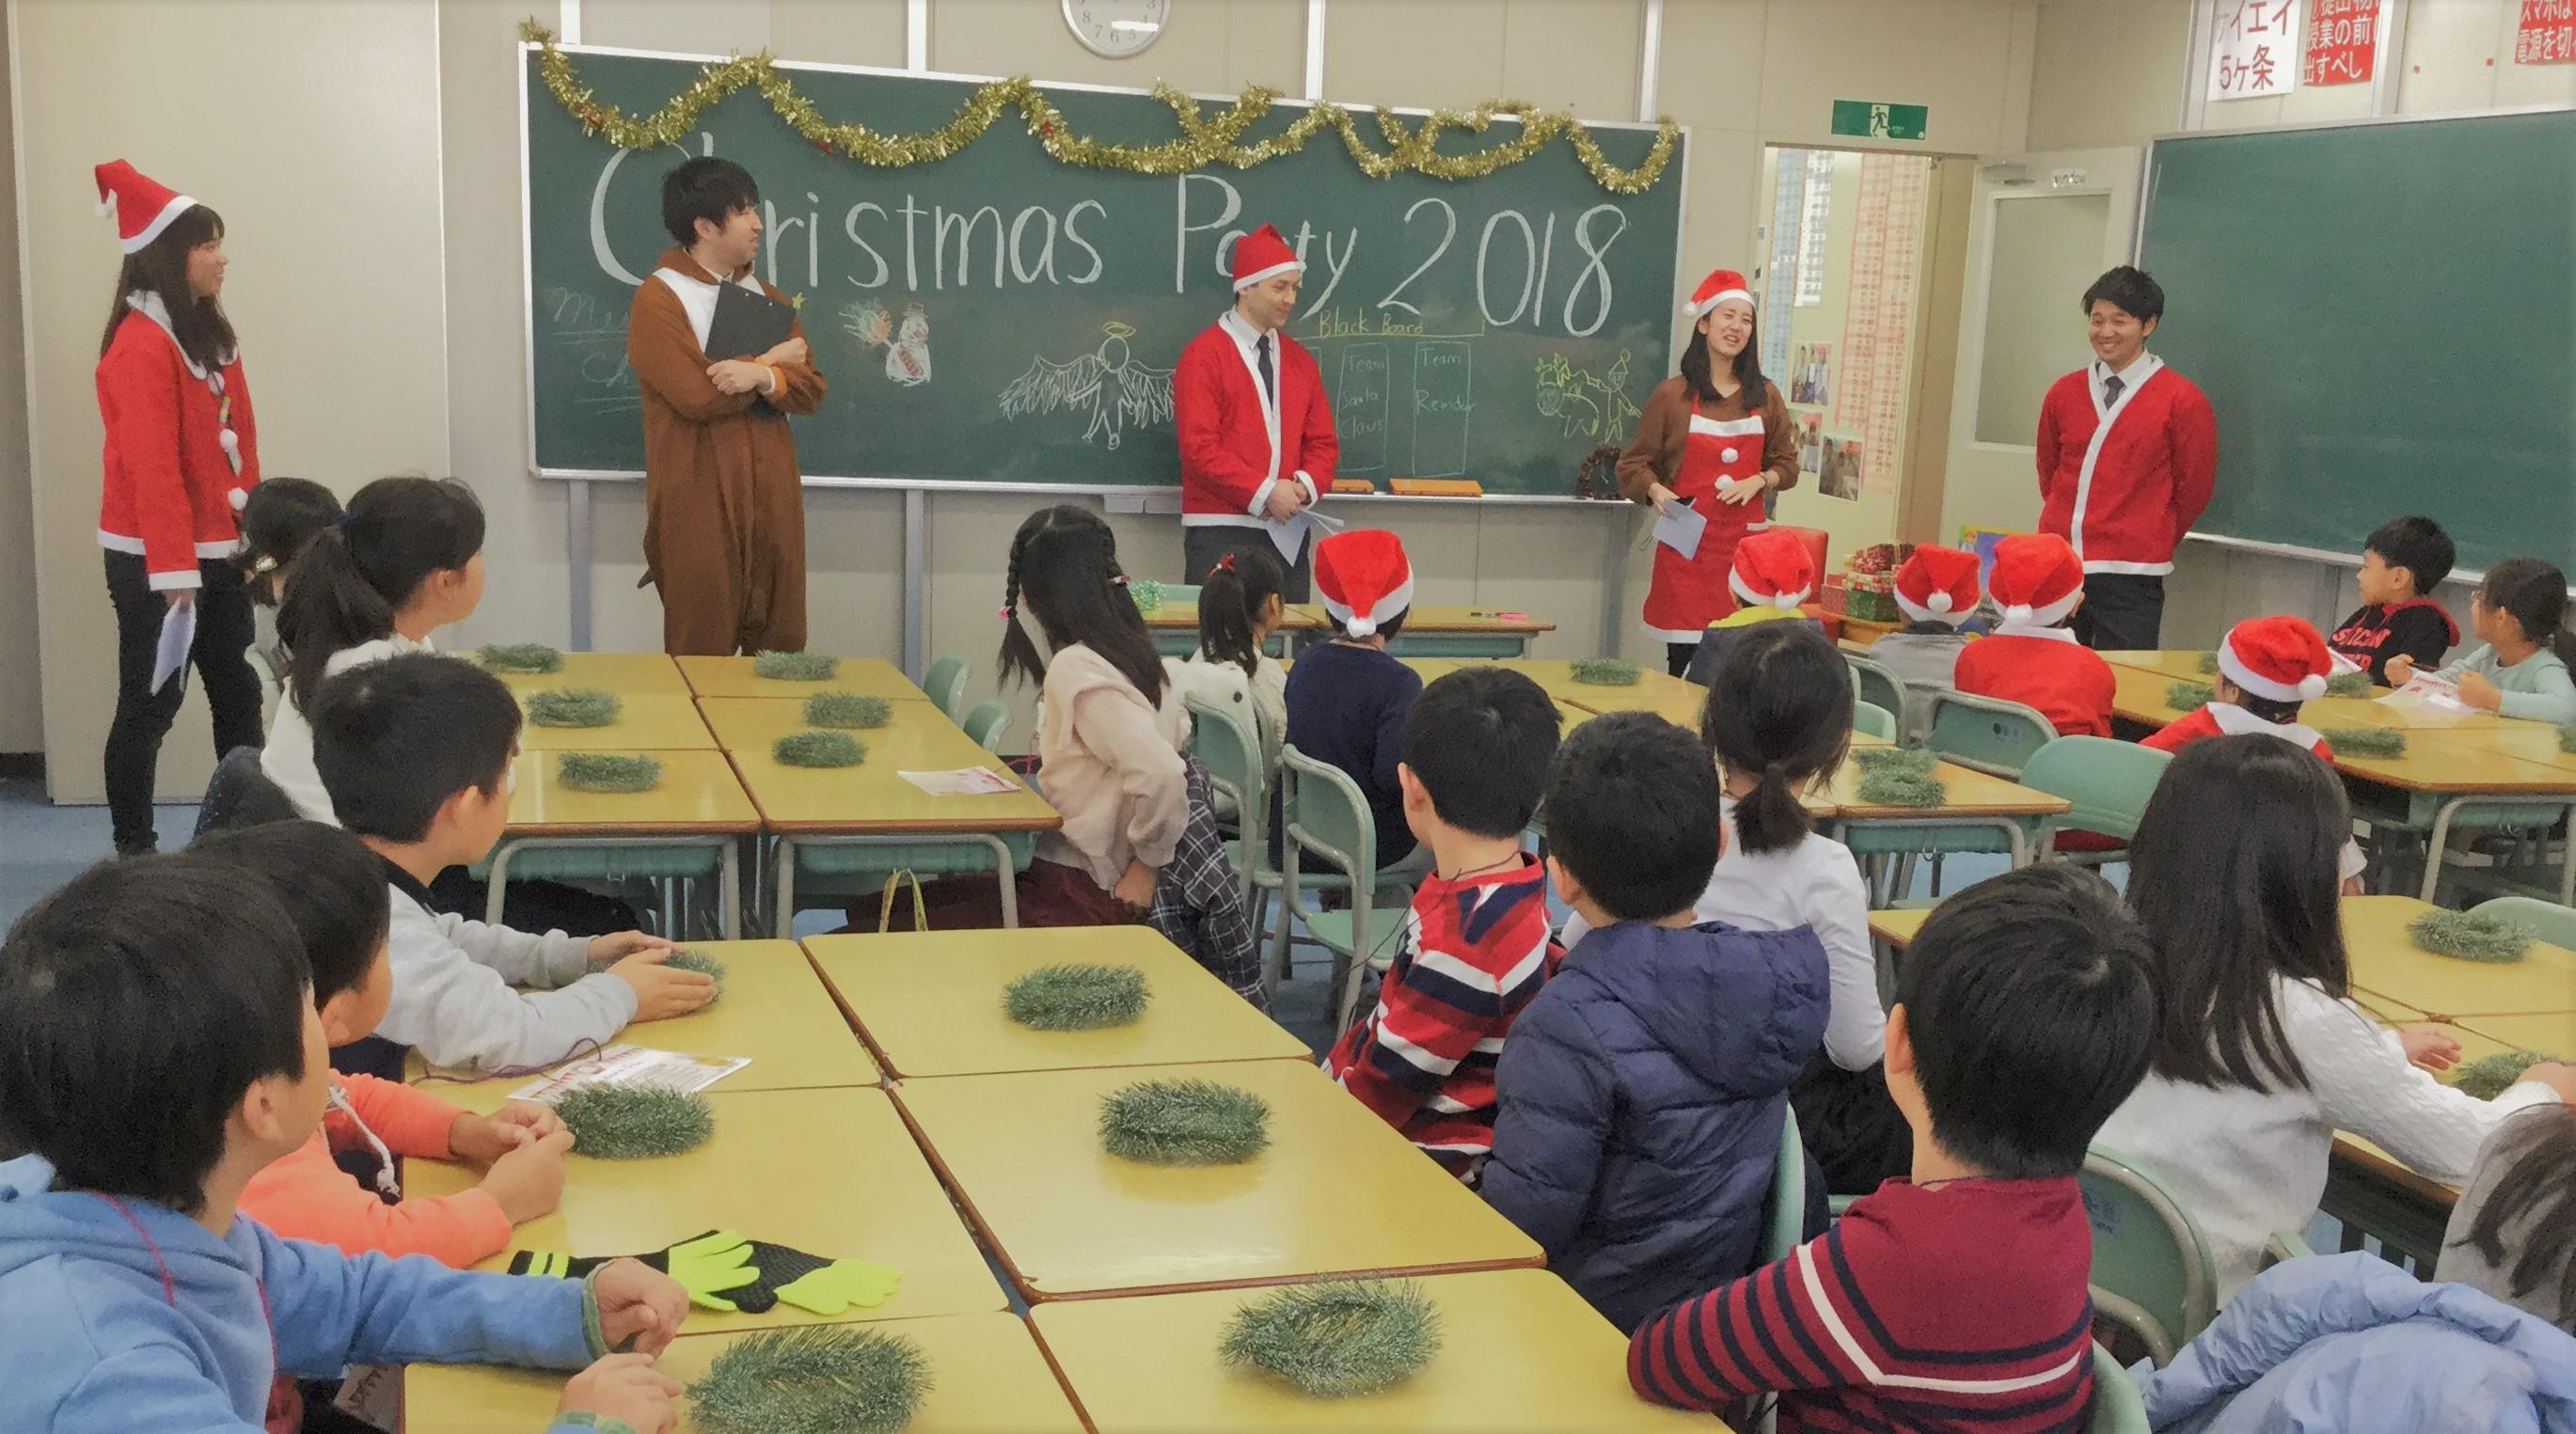 2018 クリスマスパーティー【小学生対象】